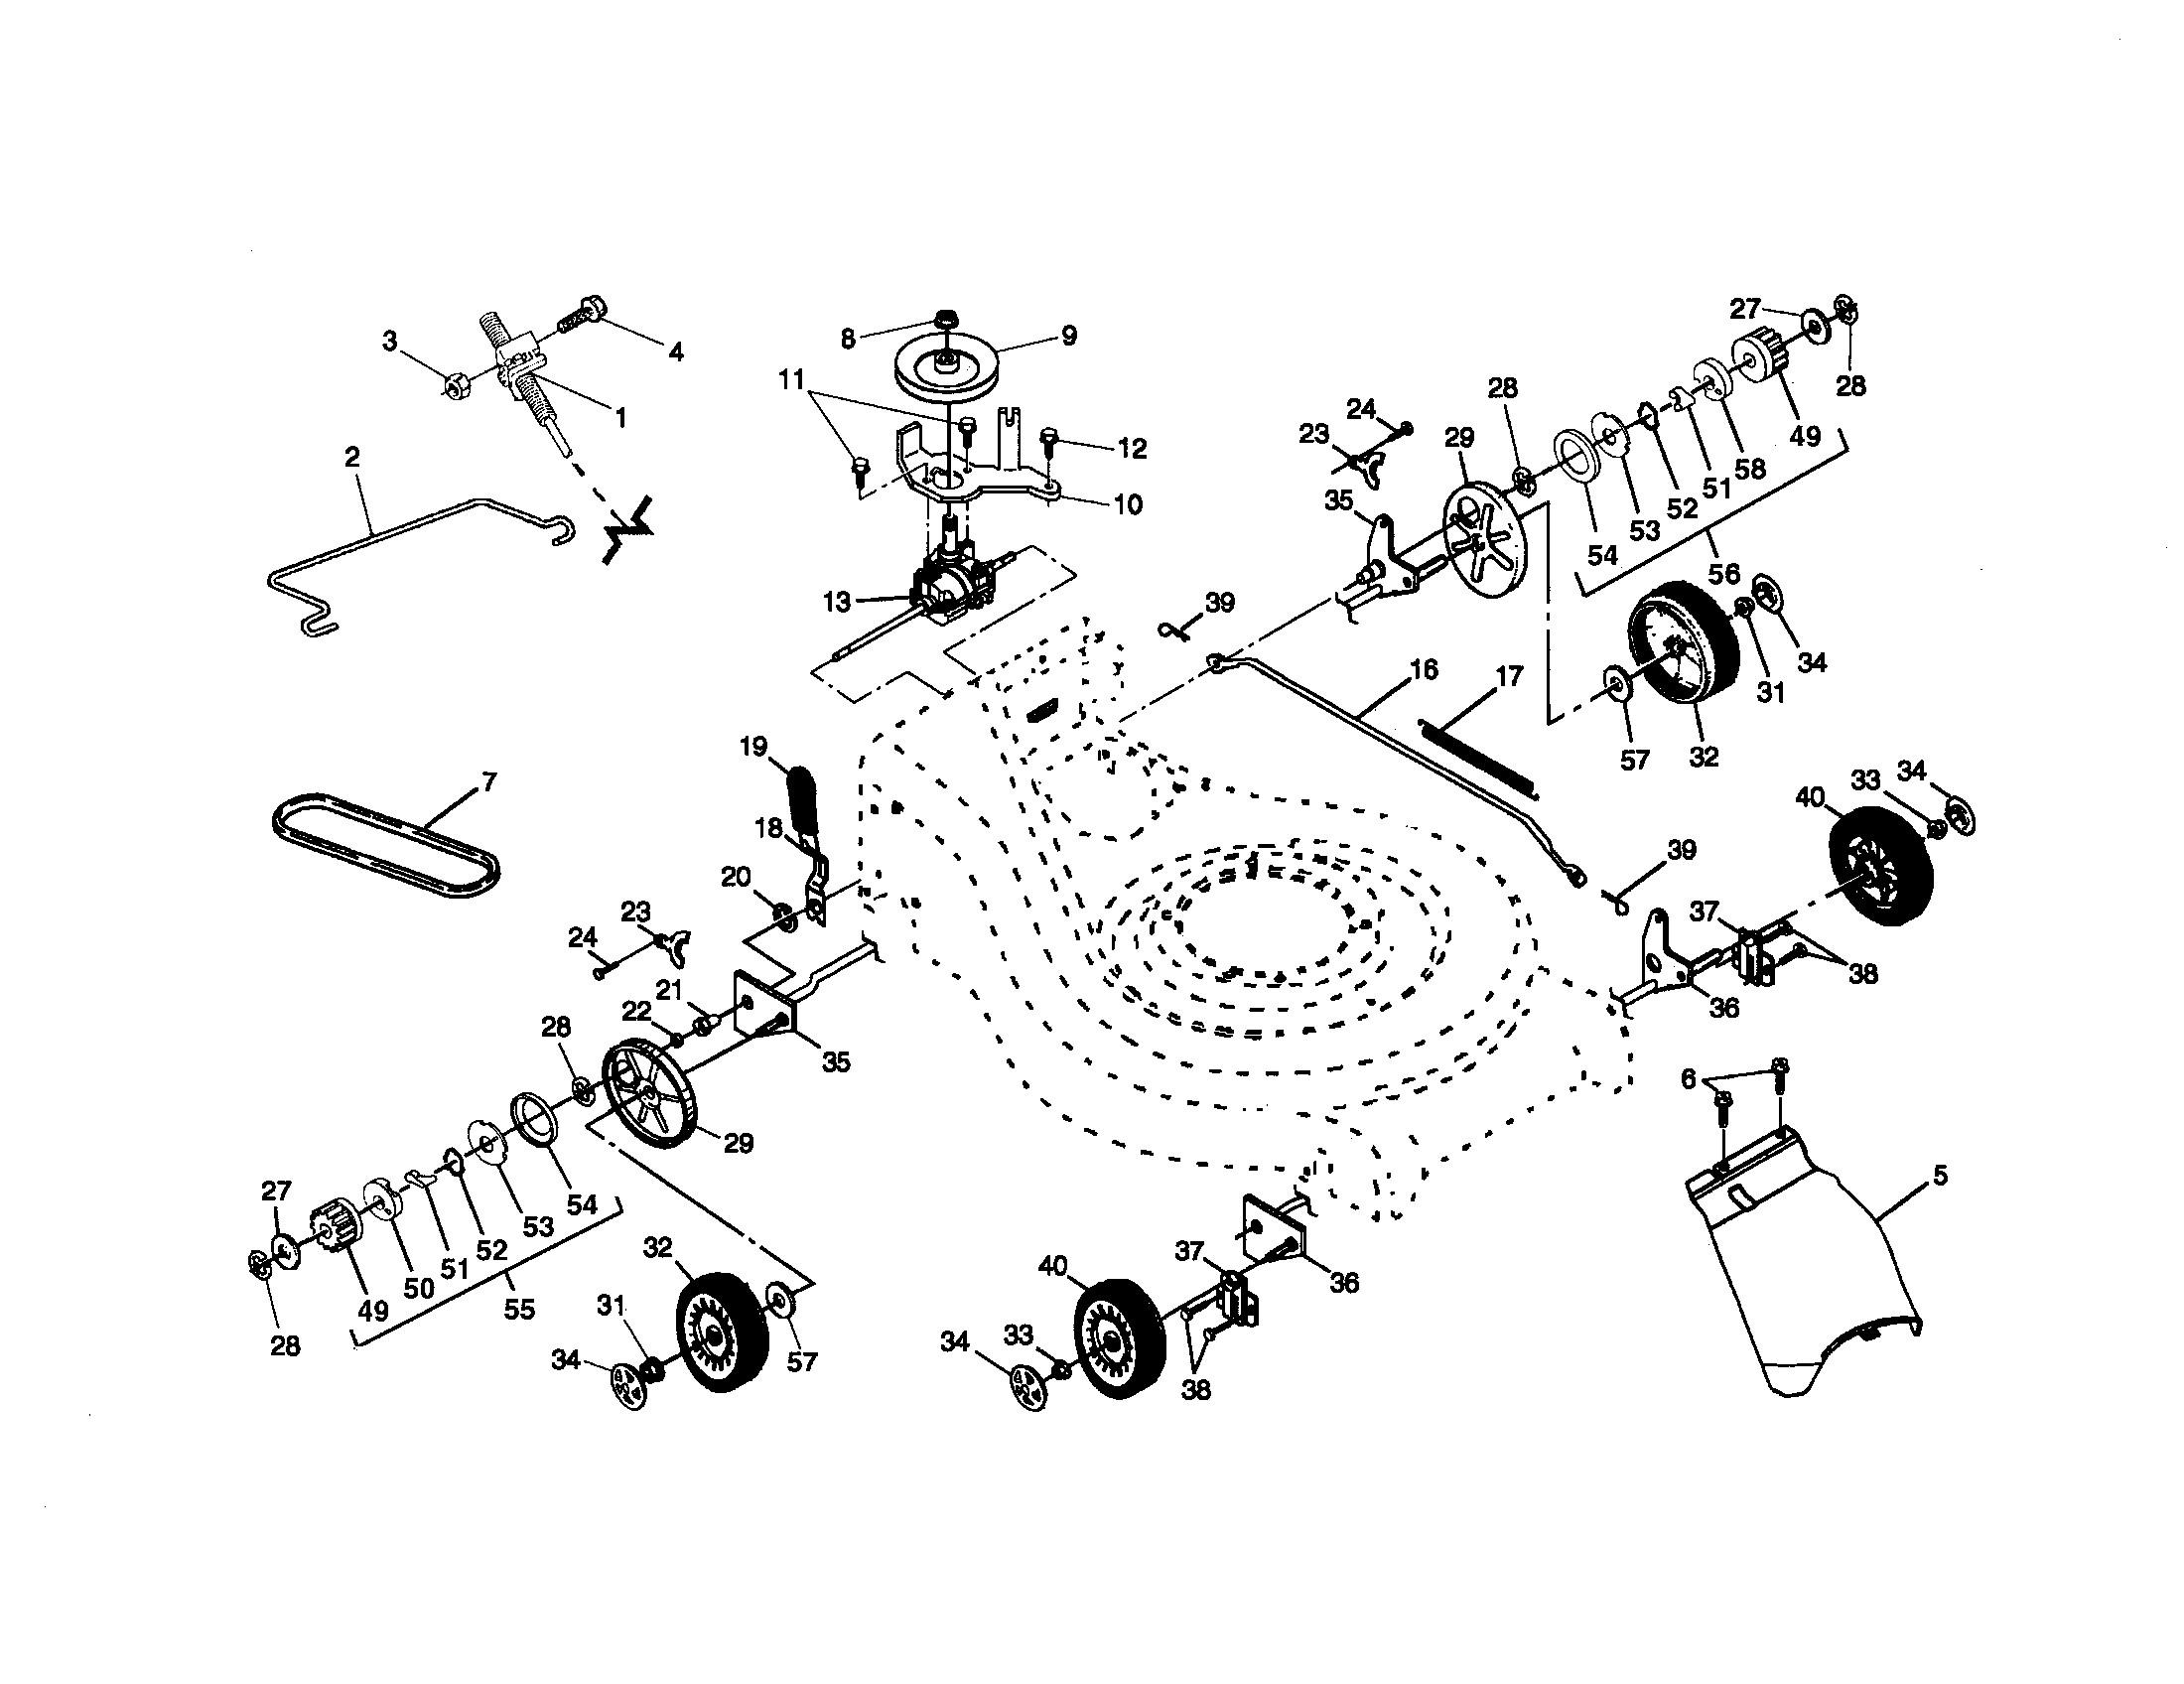 Craftsman Lawn Mower Parts Diagram My Wiring On Model Walk Behind Lawnmower Gas Genuine Of